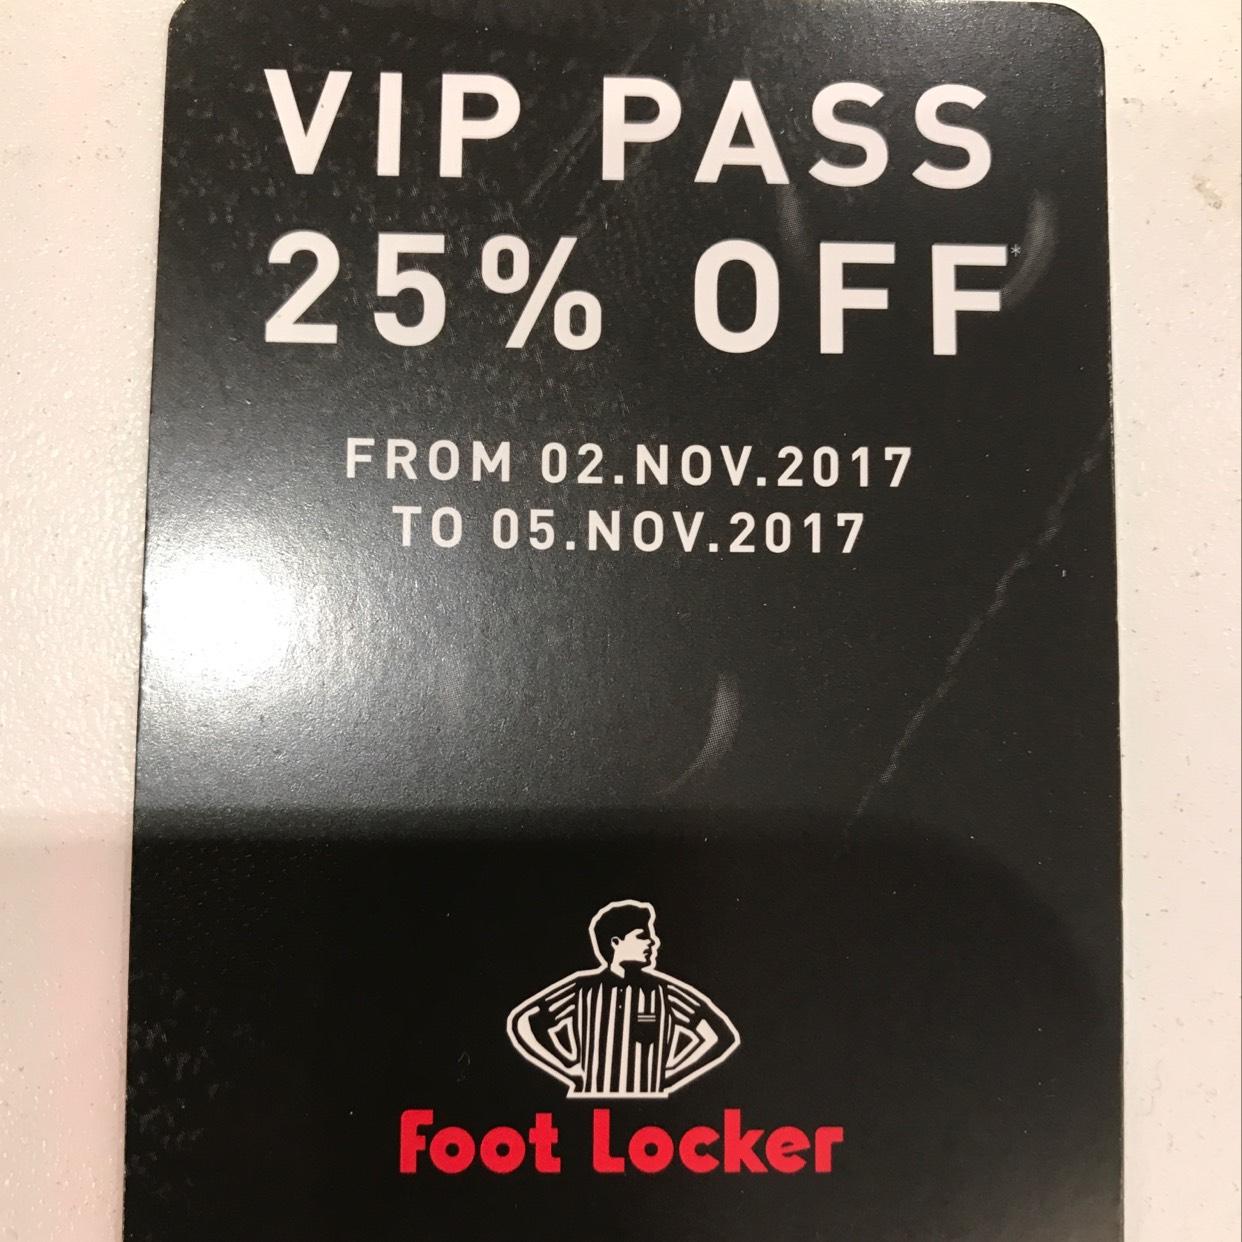 25% off @ Footlocker 2nd Nov - 5th Nov